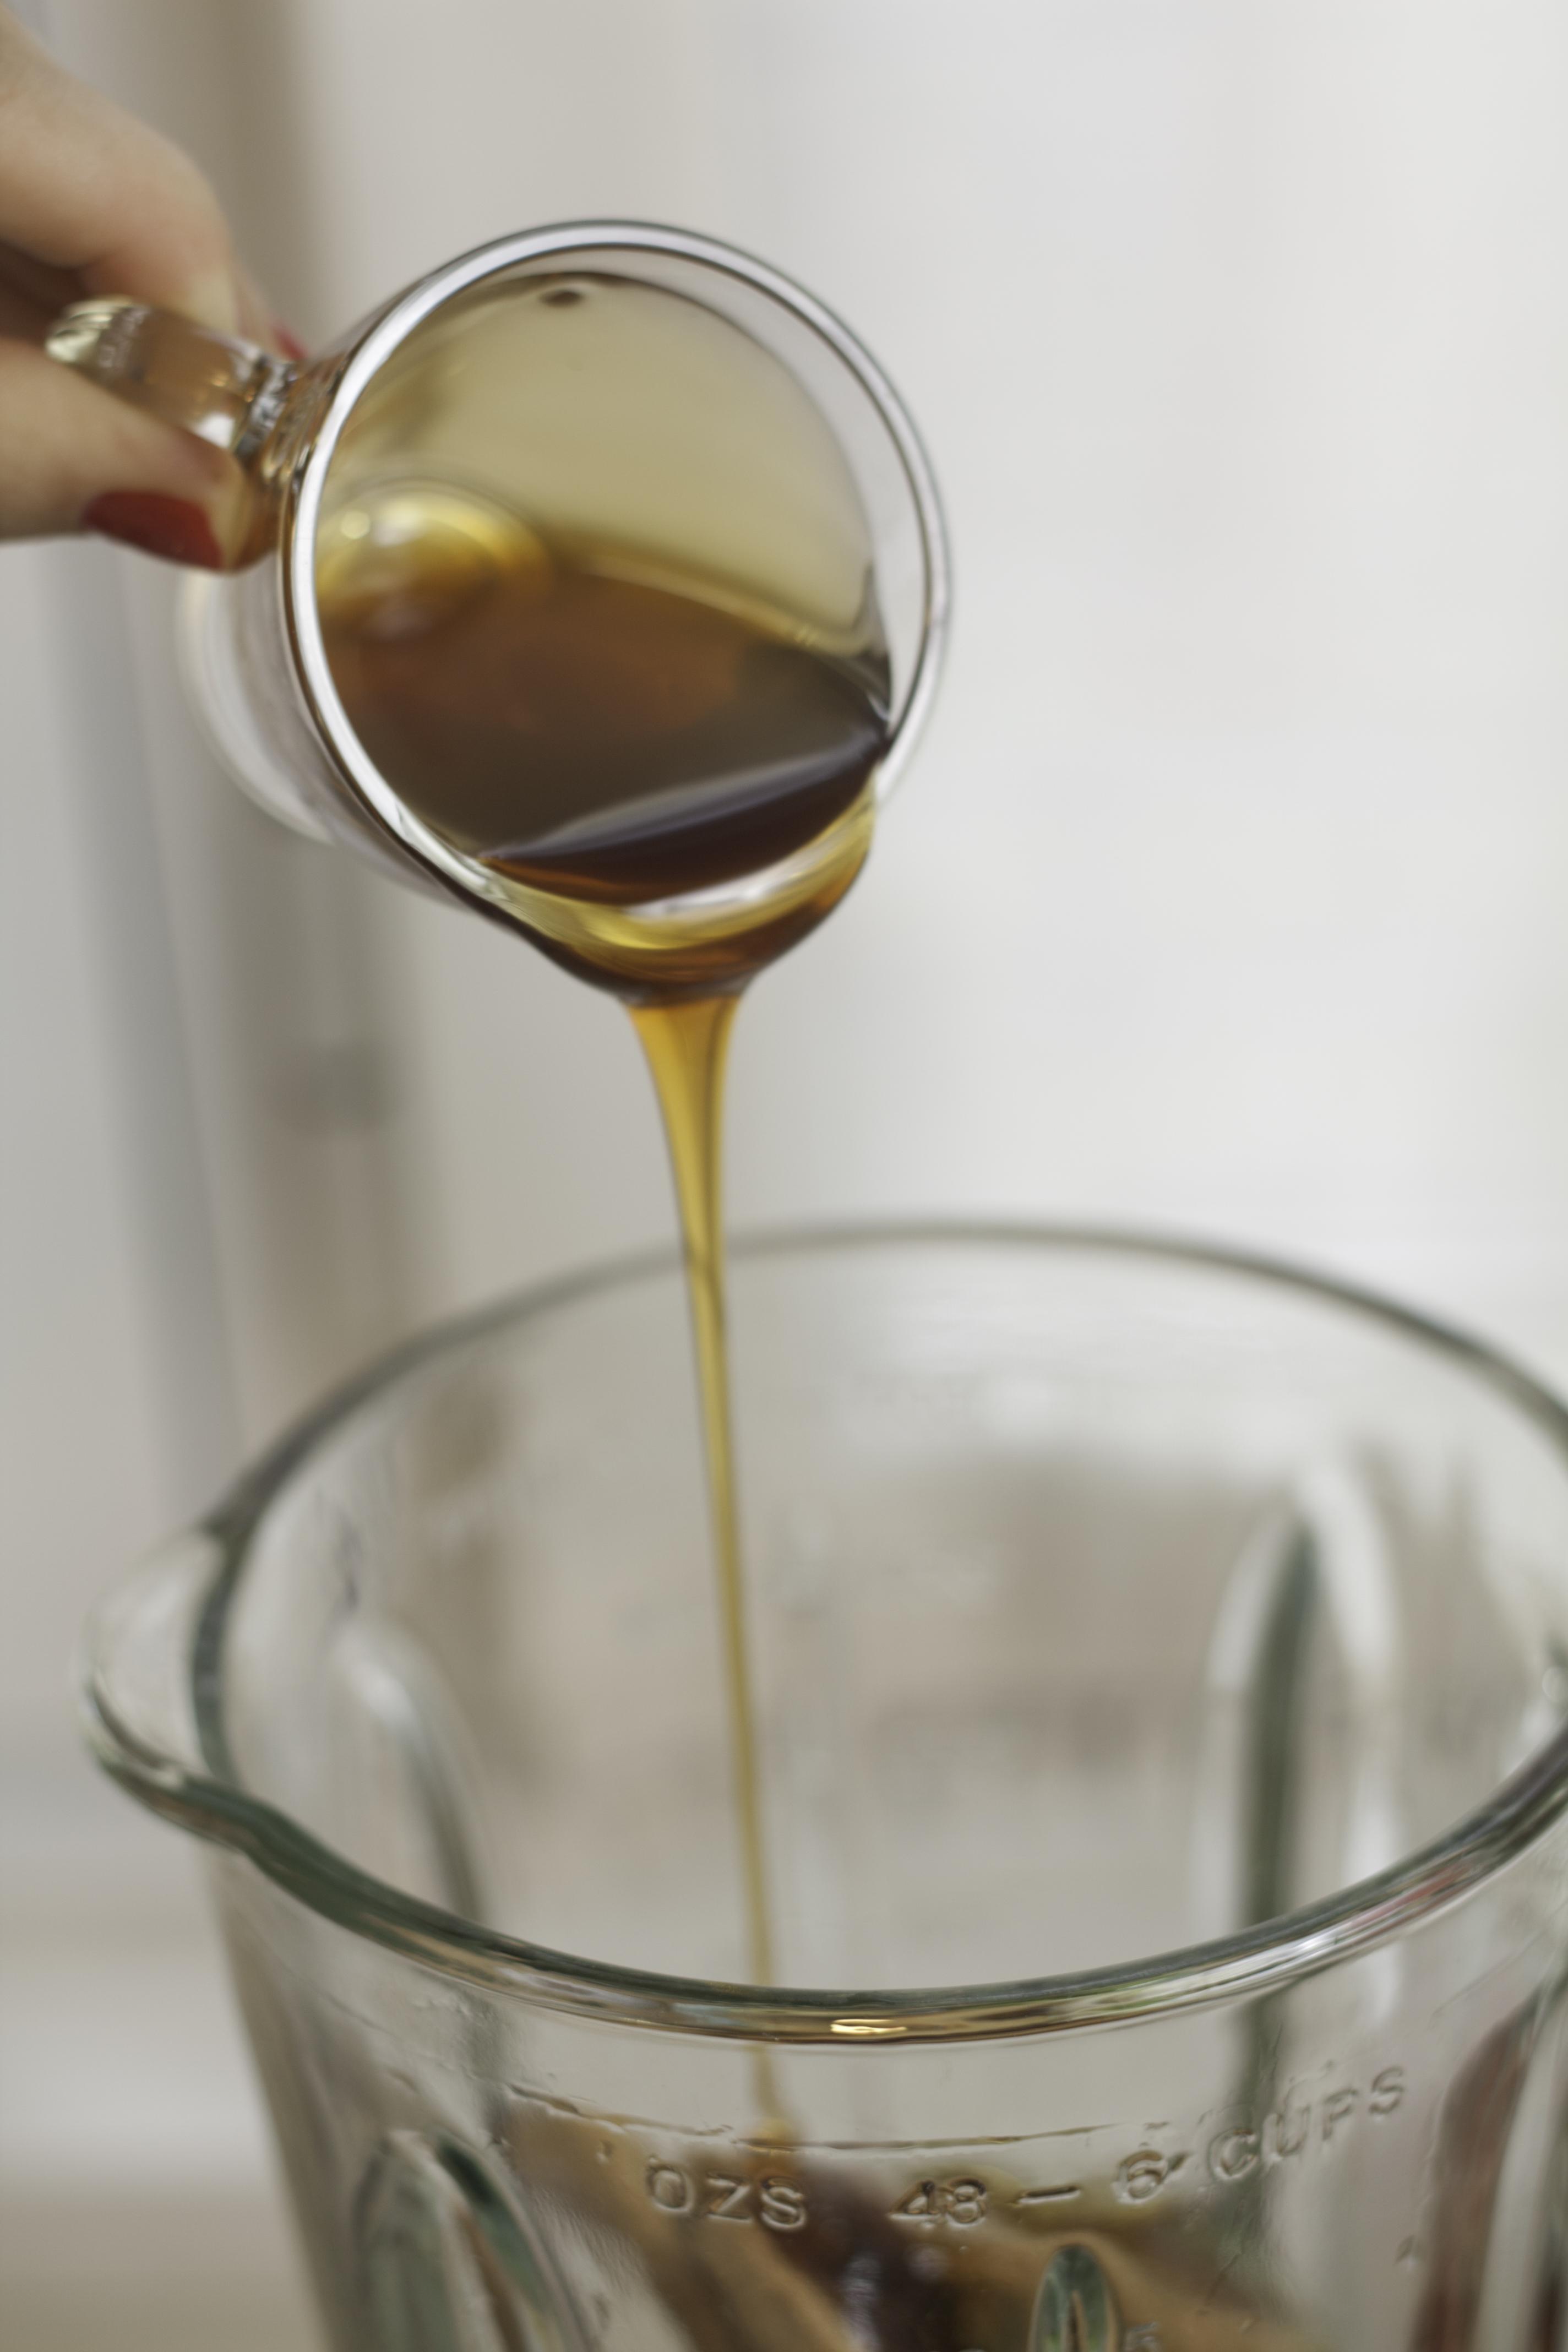 Añadimos un poco de miel a nuestro batido energético